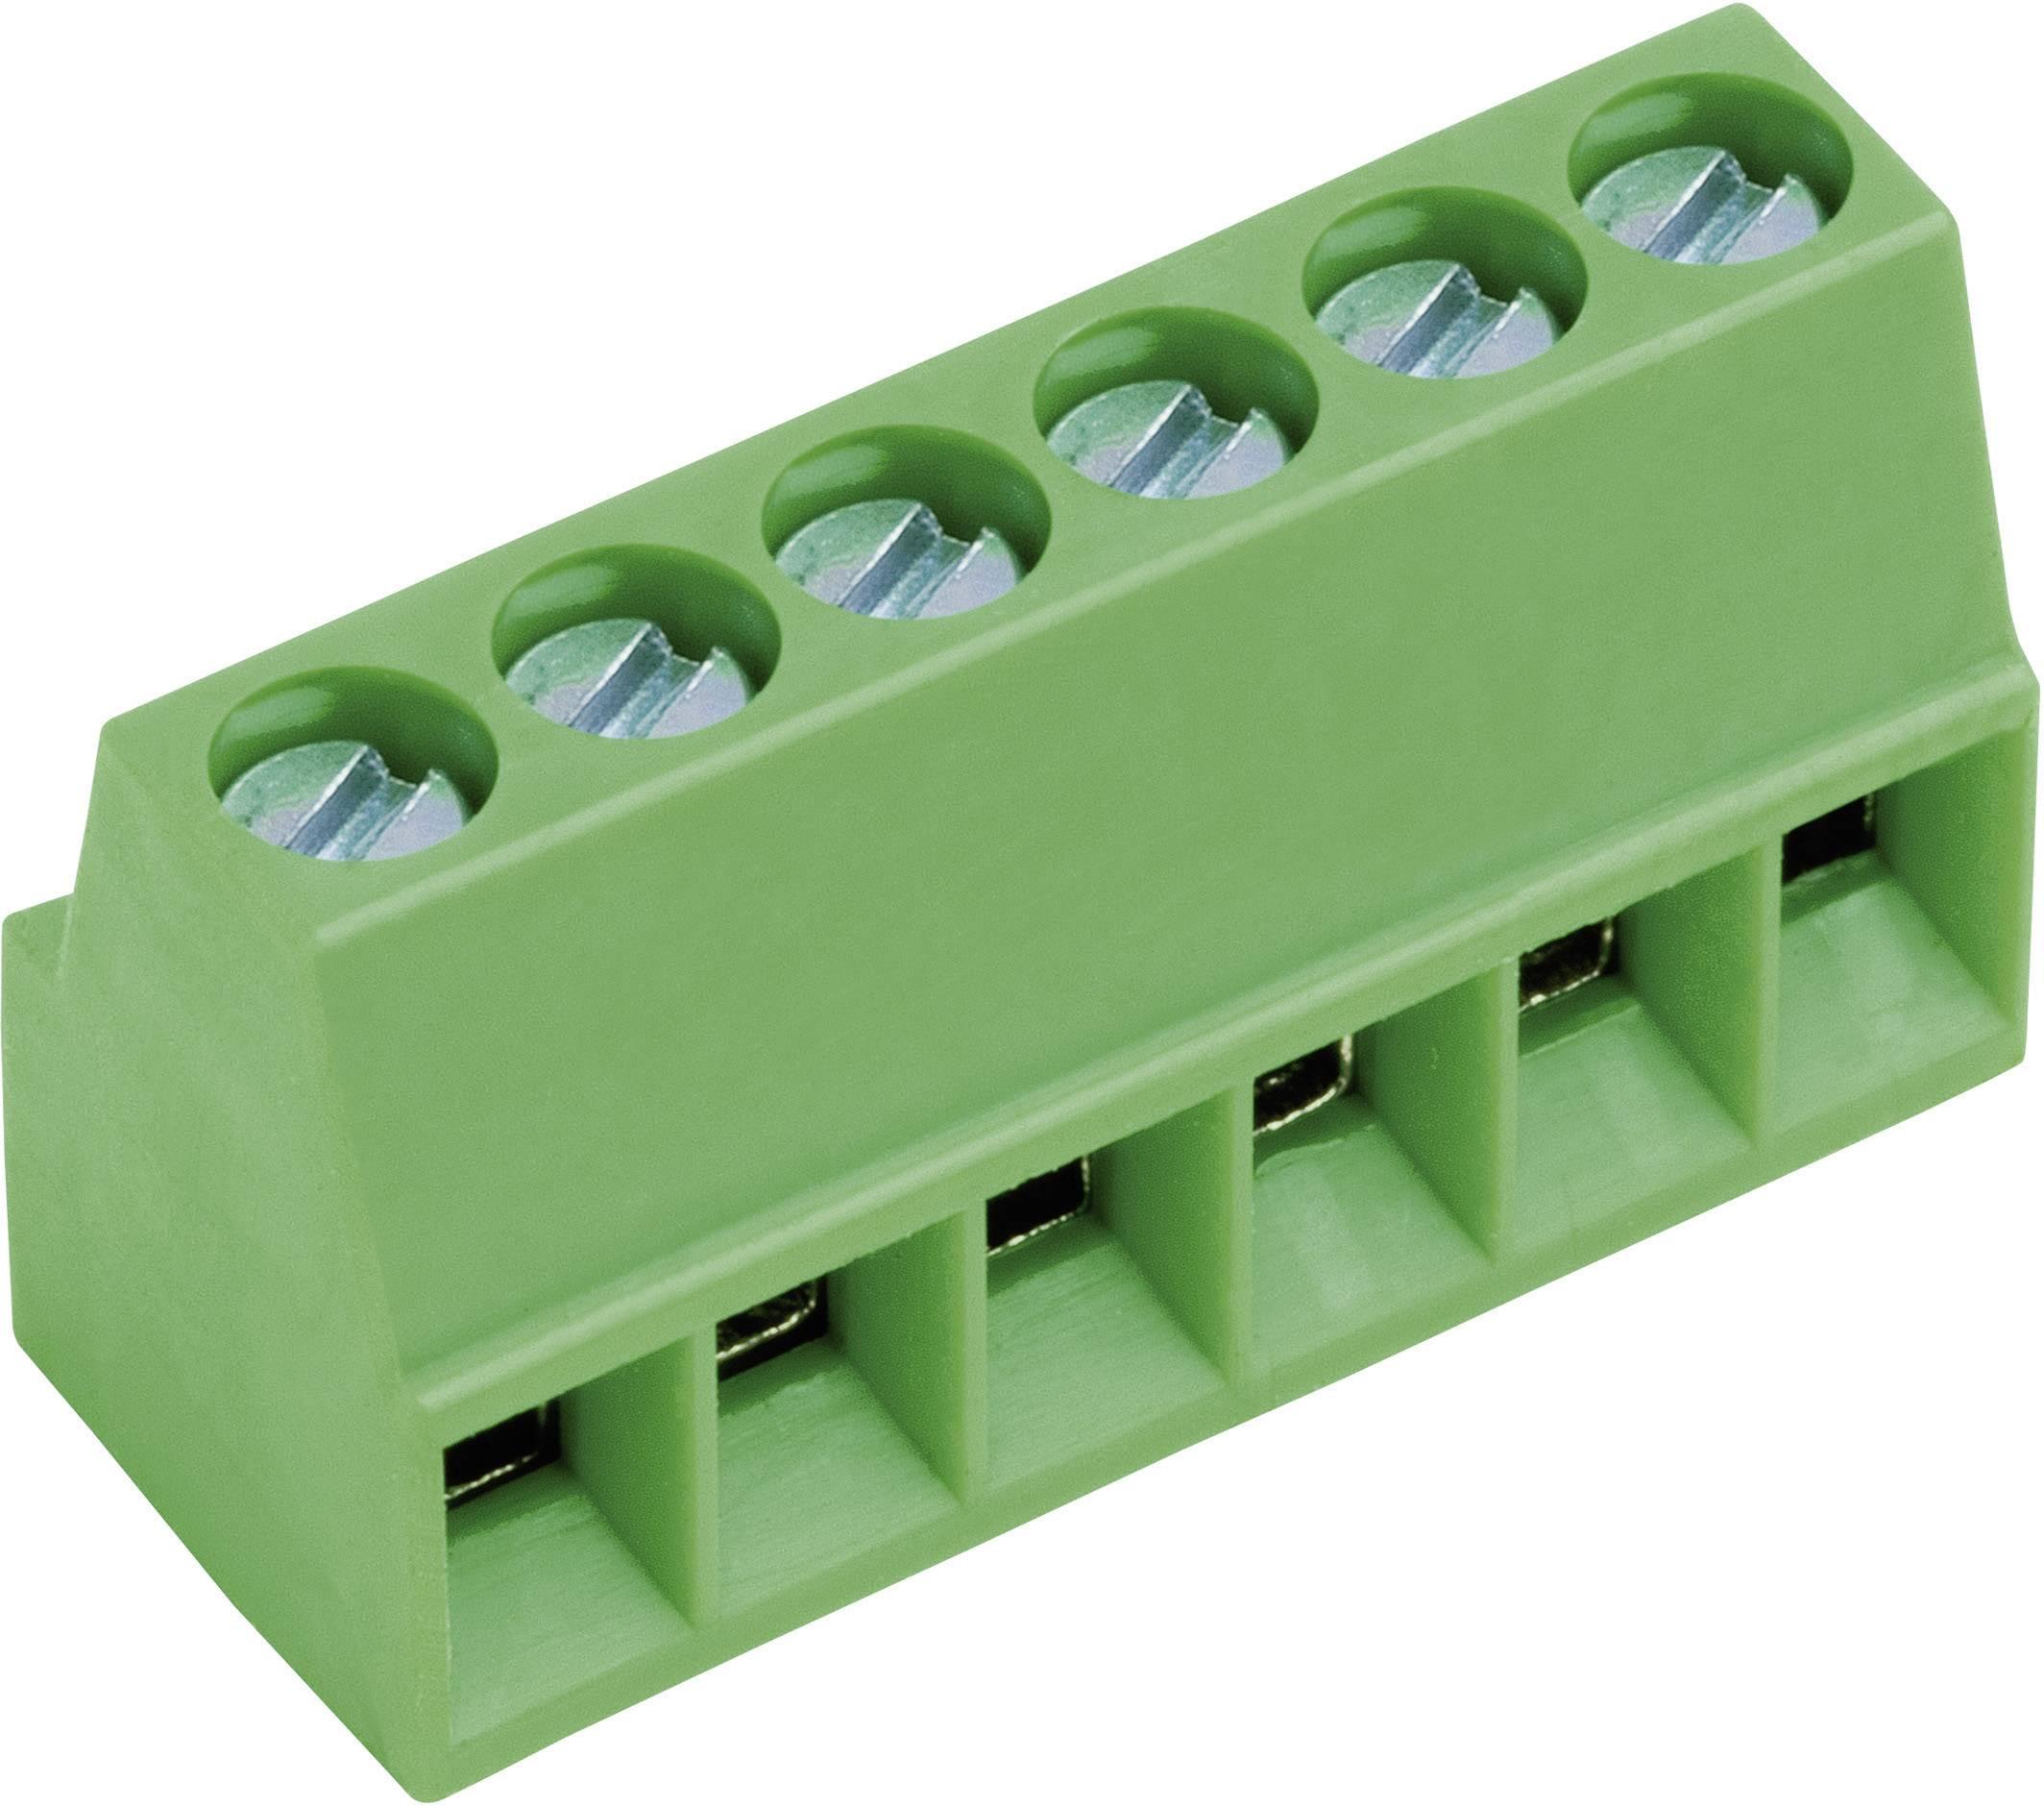 Skrutkovacia svorka PTR AKZ692/5-2.54-V-GRÜN 50692050021E, 0.75 mm², počet pinov 5, zelená, 1 ks